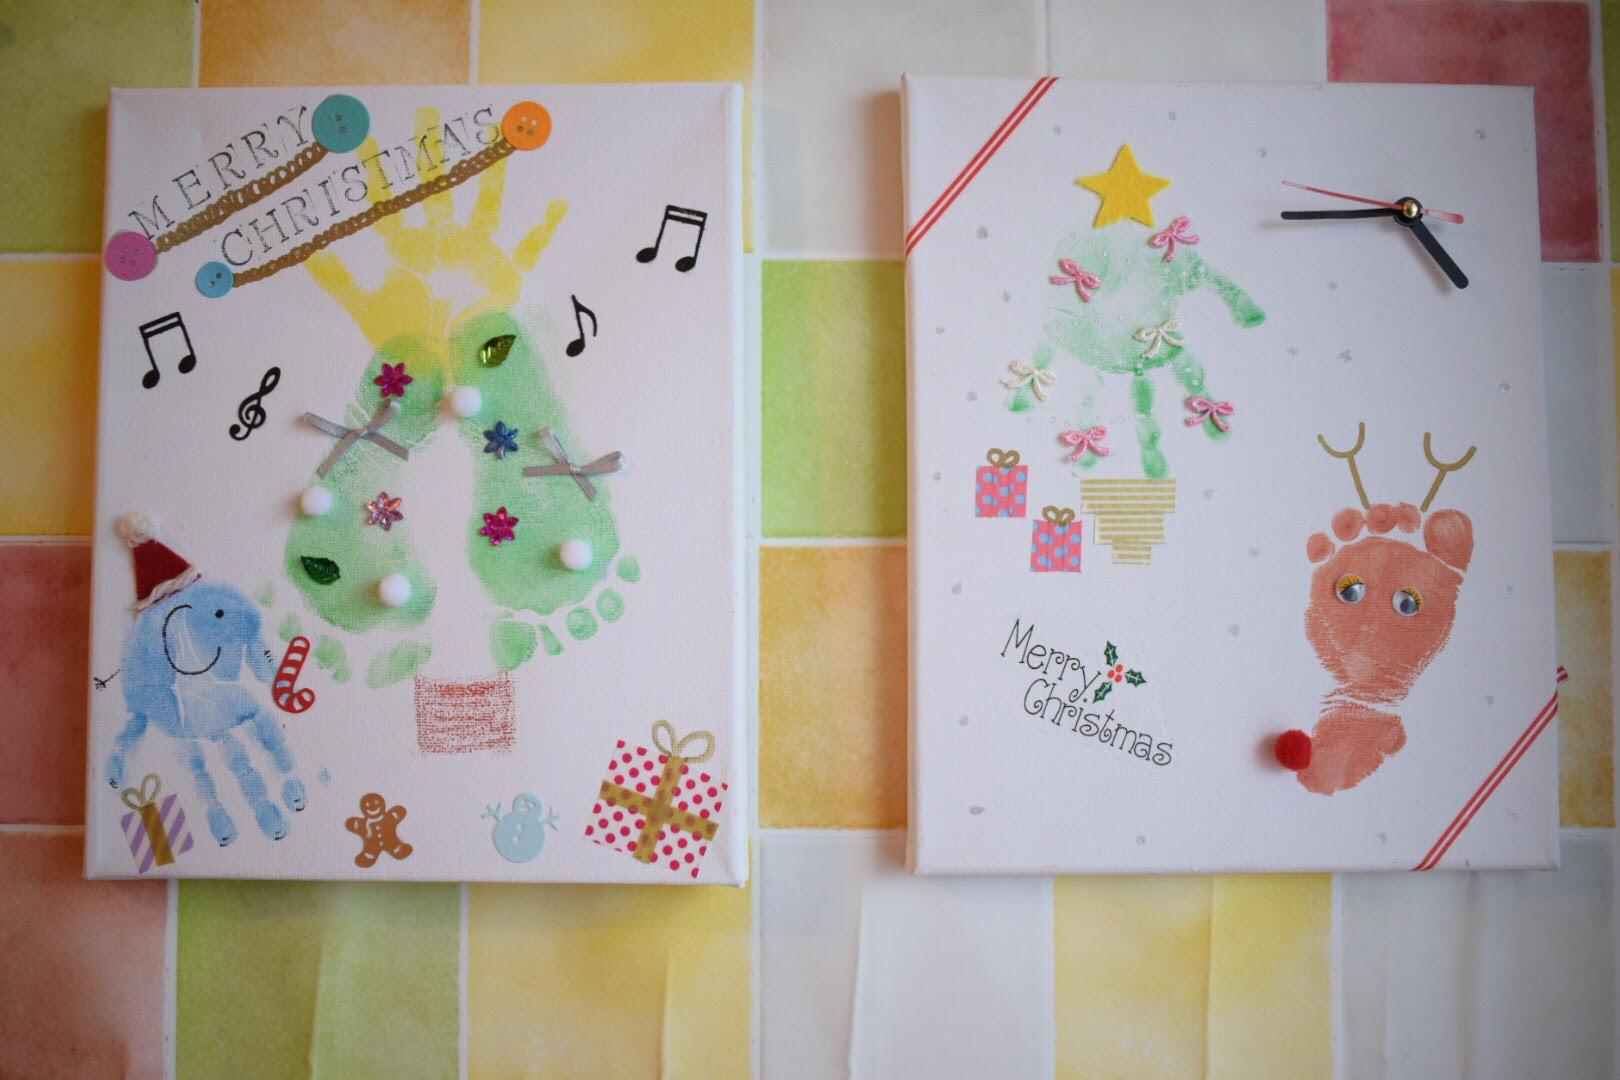 手形足形アートクリスマスデザイン